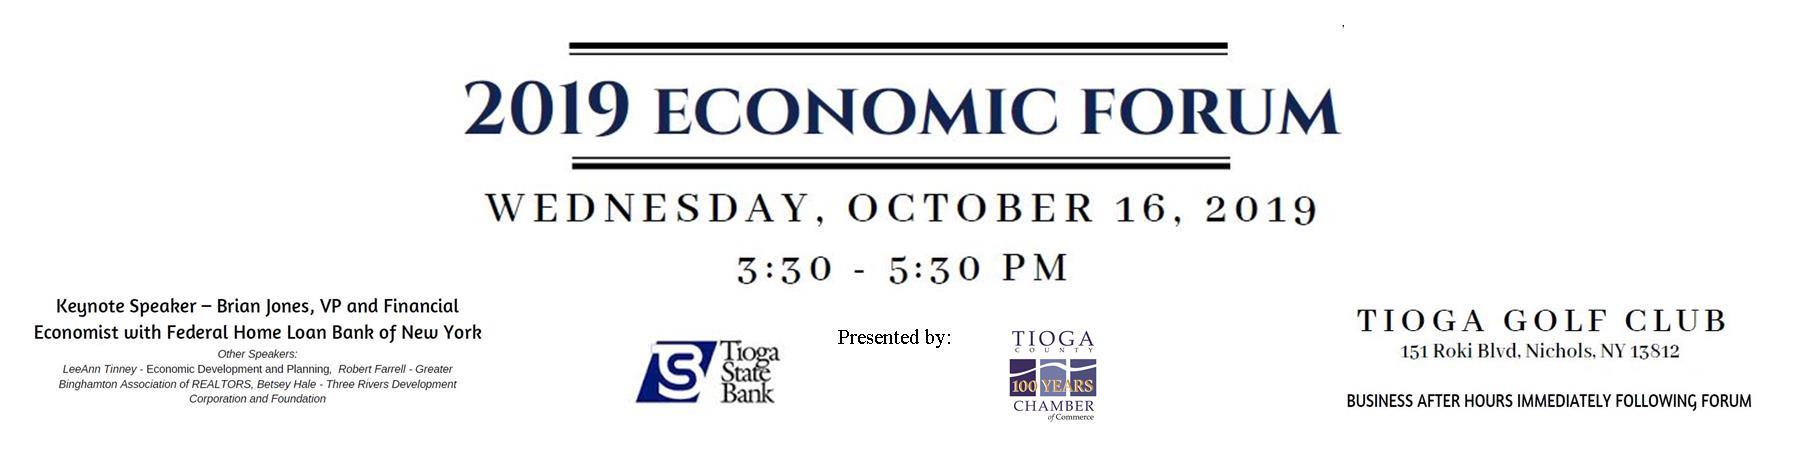 Economic-Forum-Slider-v1.jpg